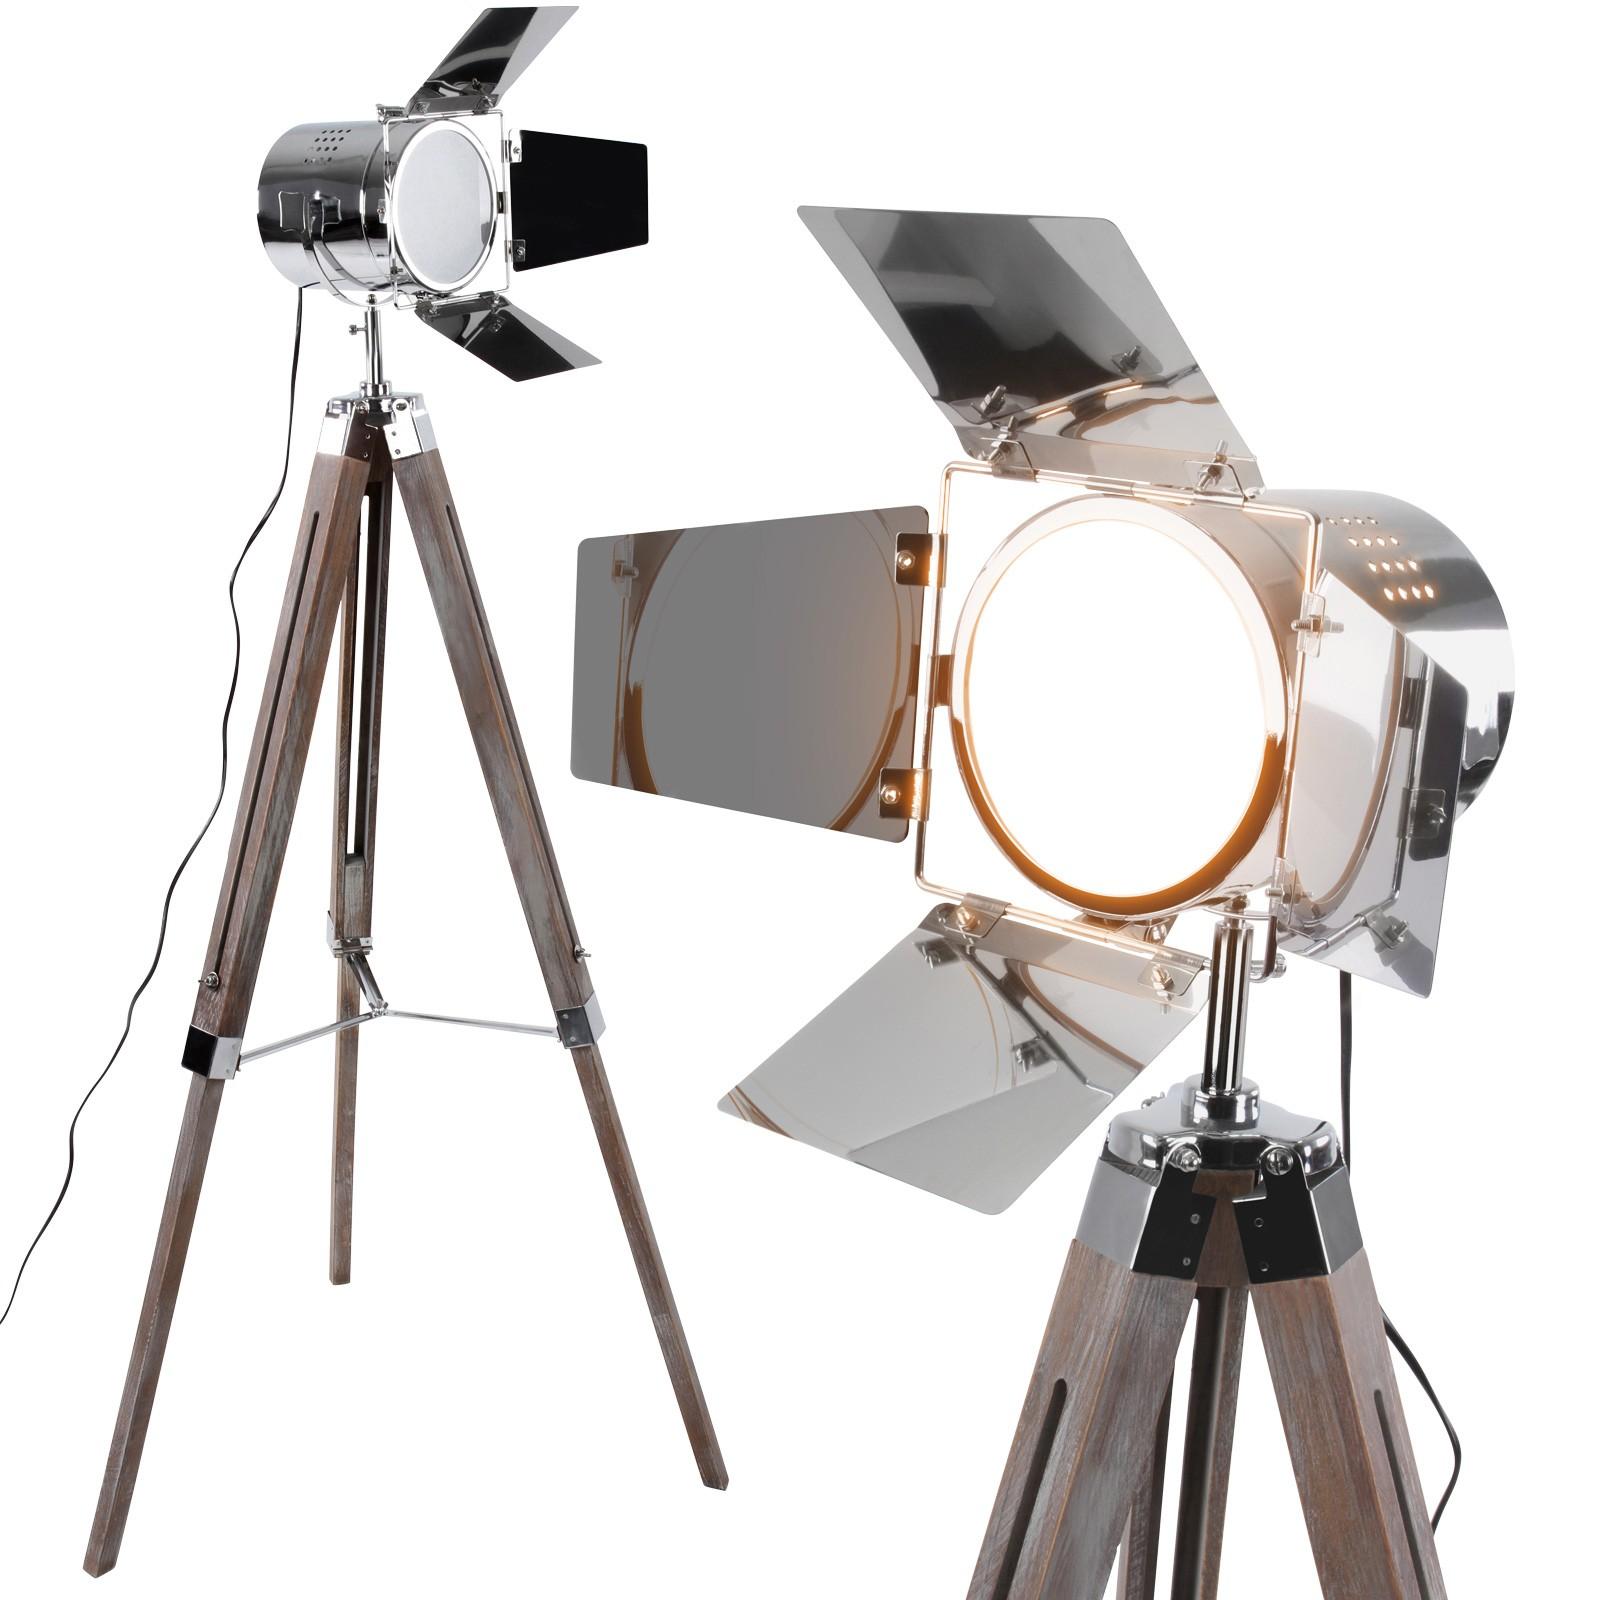 Stehlampe Vintage Stativ Tripod Stehleuchte Standleuchte Dreibein Studio 3 Fuss